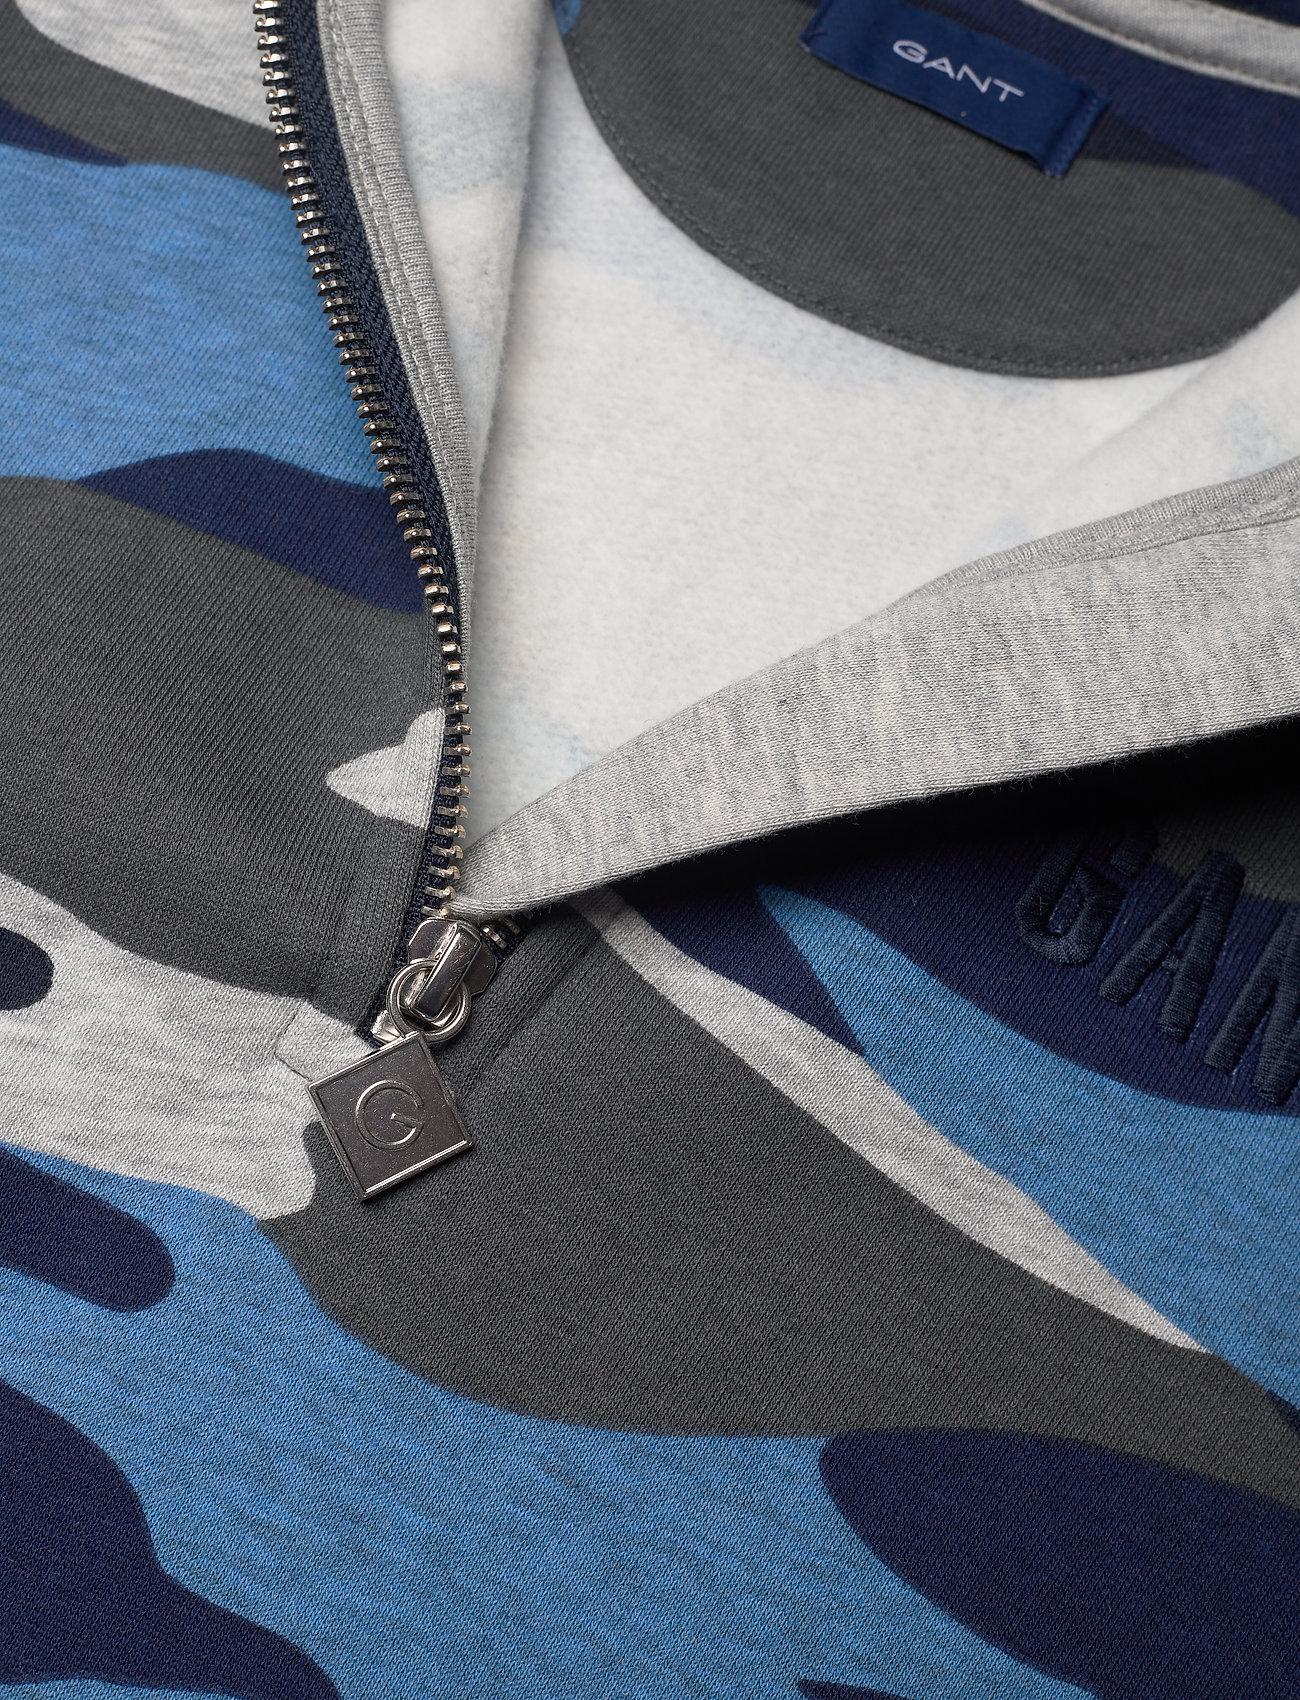 D1. Gant Landscape Hoodie (Evening Blue) (74.99 €) - GANT c2My0